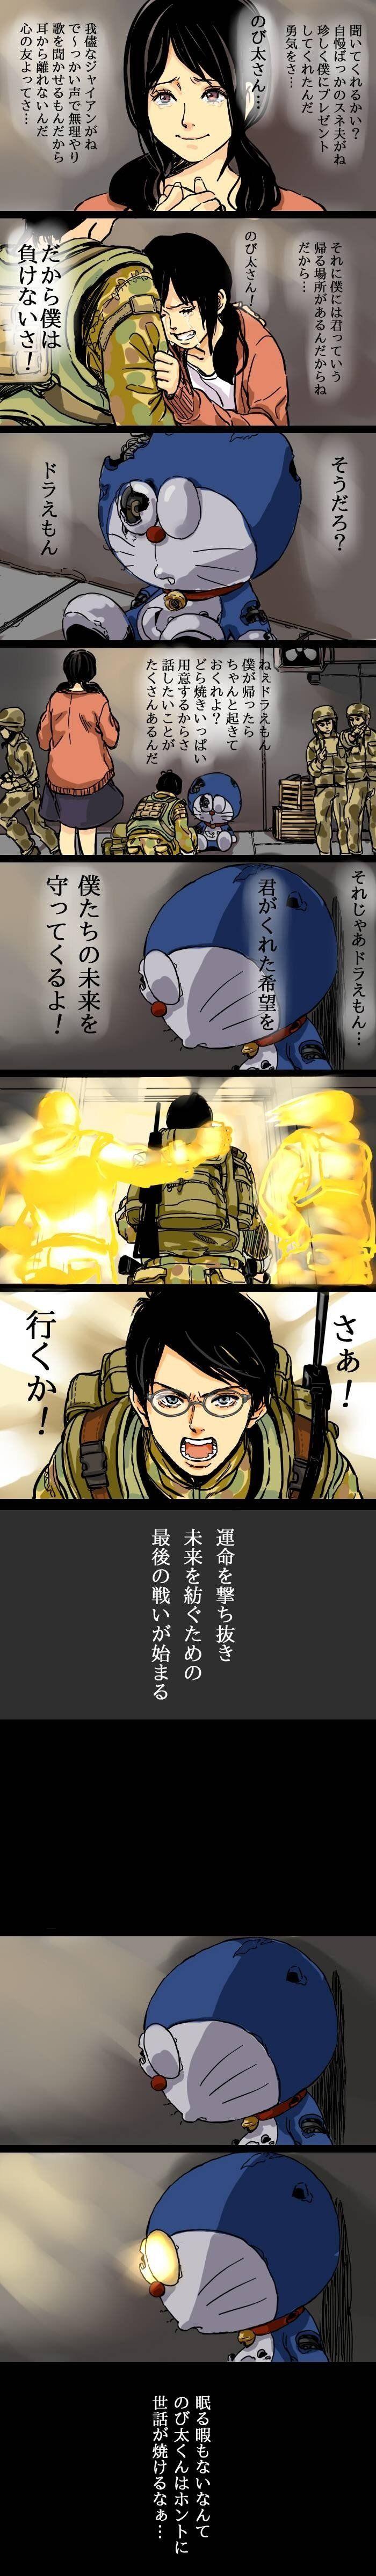 キャラクターアート おしゃれまとめの人気アイデア pinterest yanako 感動 イラスト 感動 漫画 ドラえもん 感動